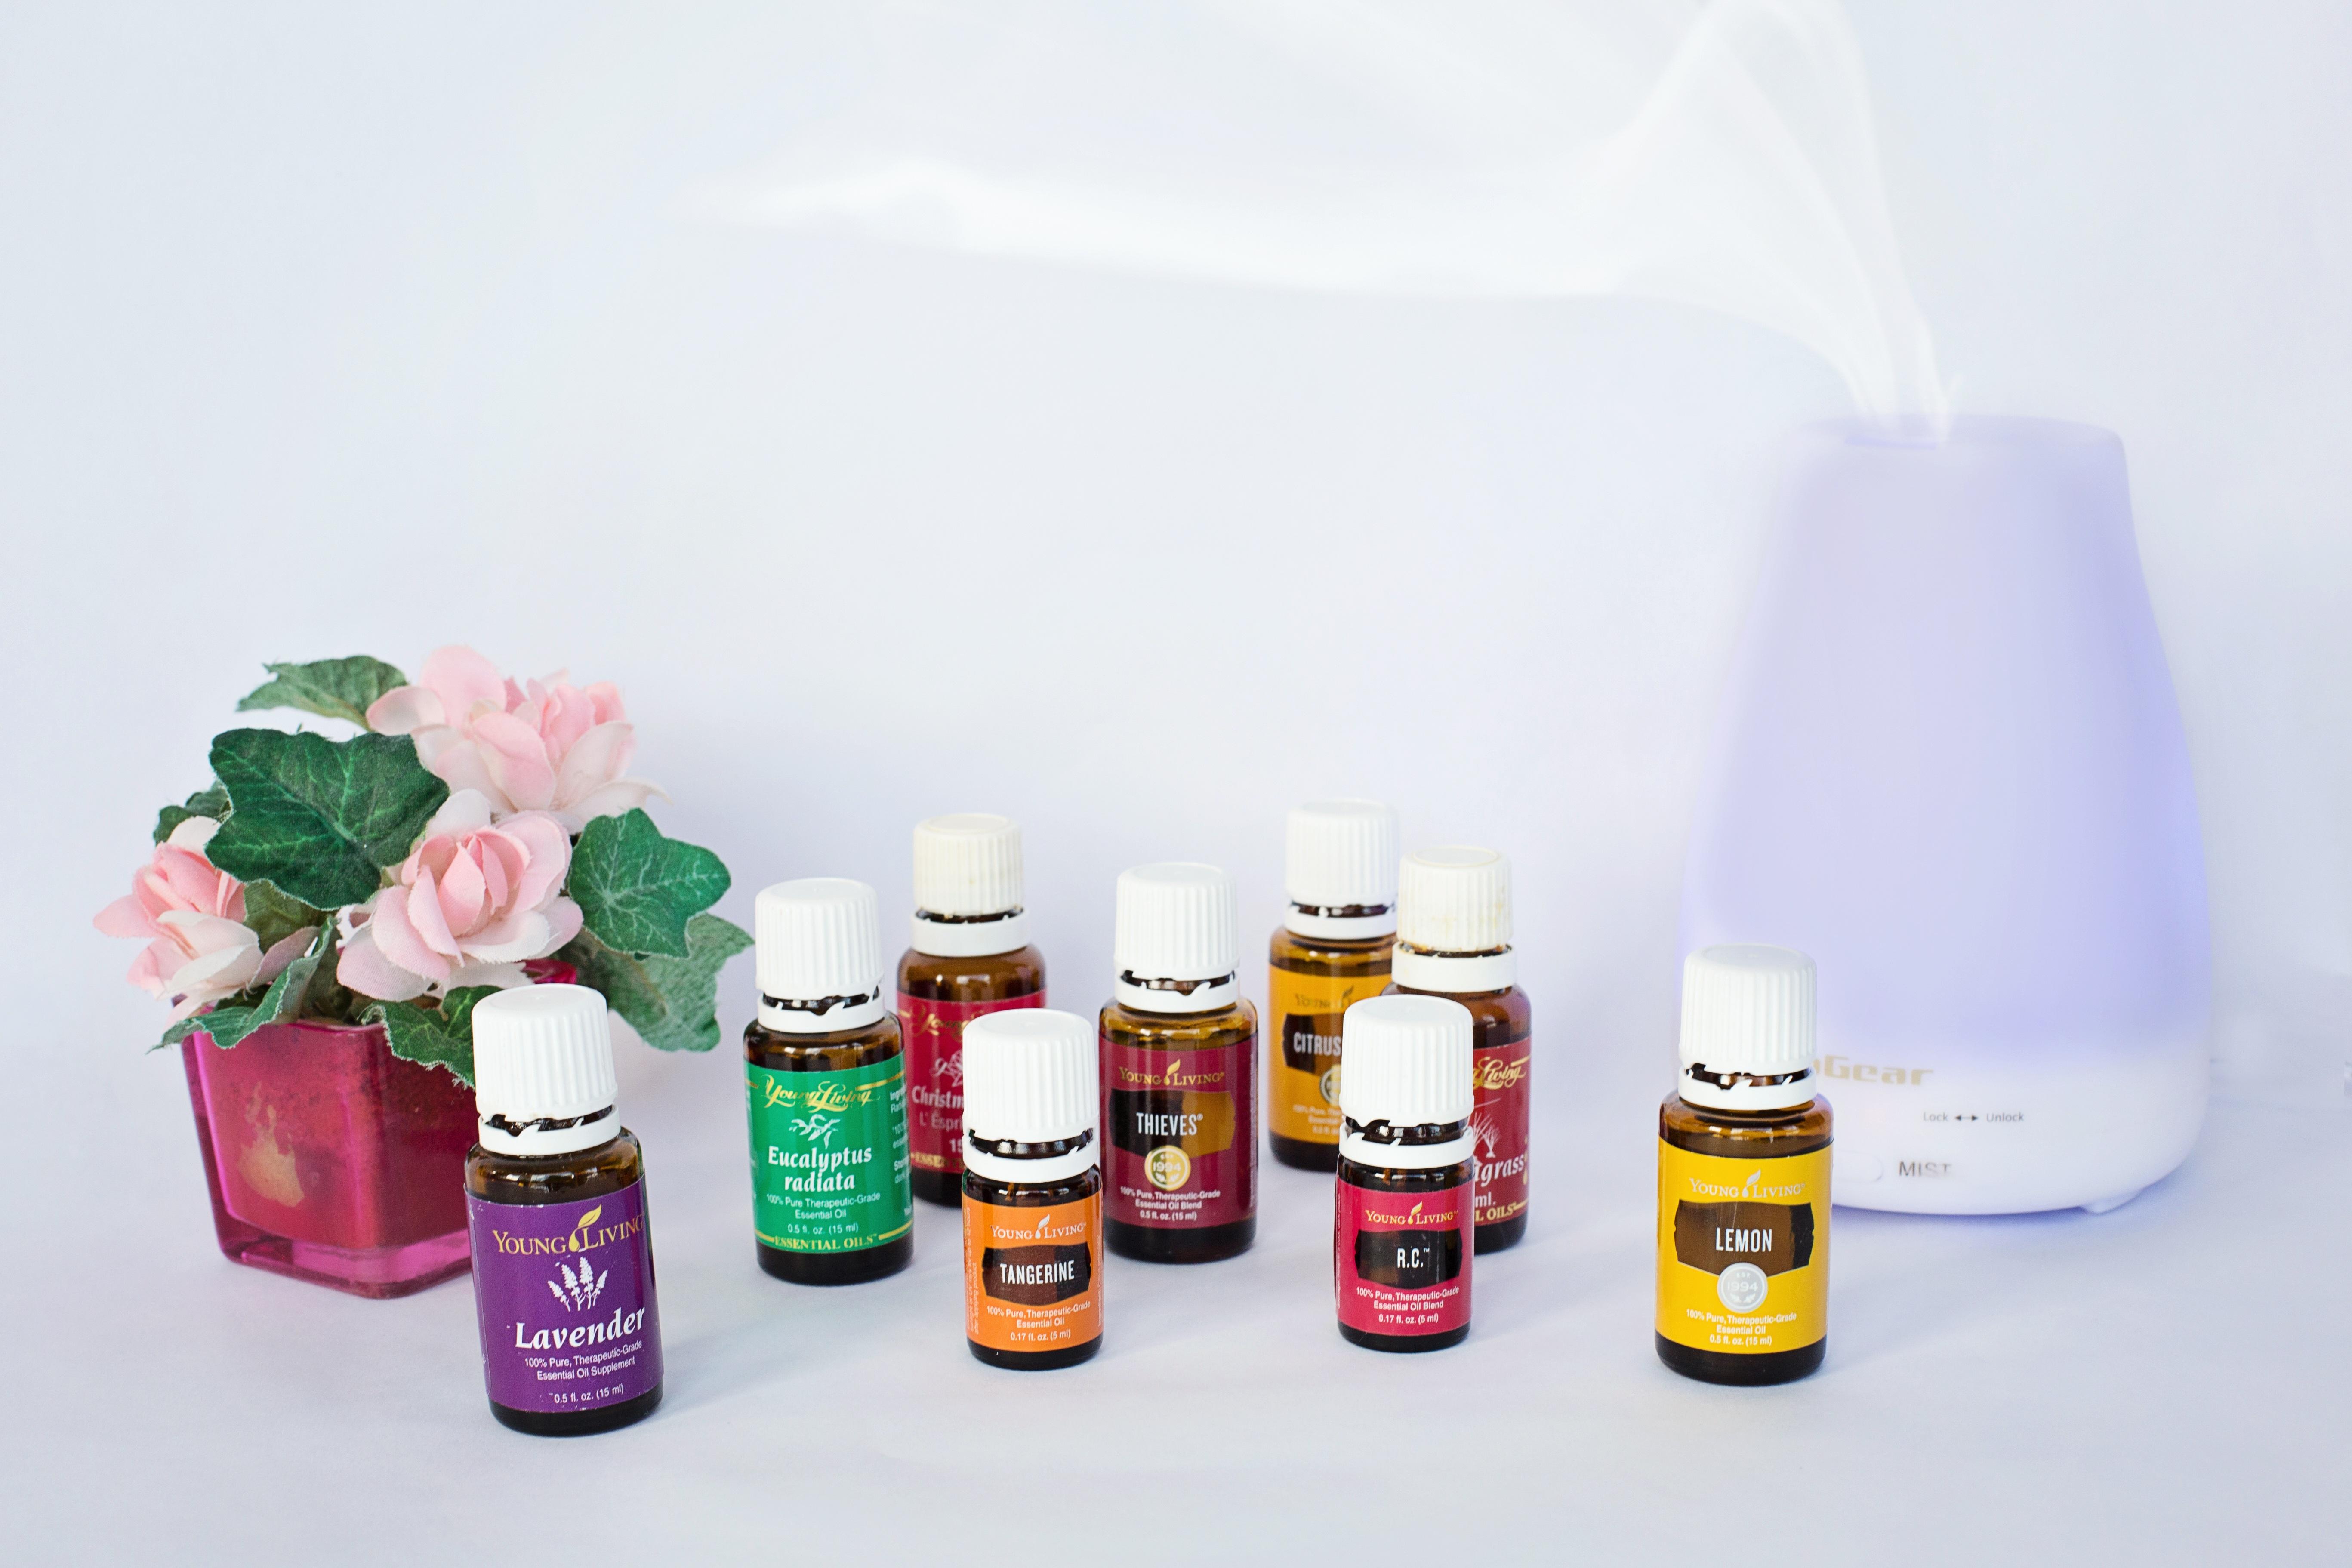 images gratuites : fleur, arôme, couleur, bouteille, mode de vie